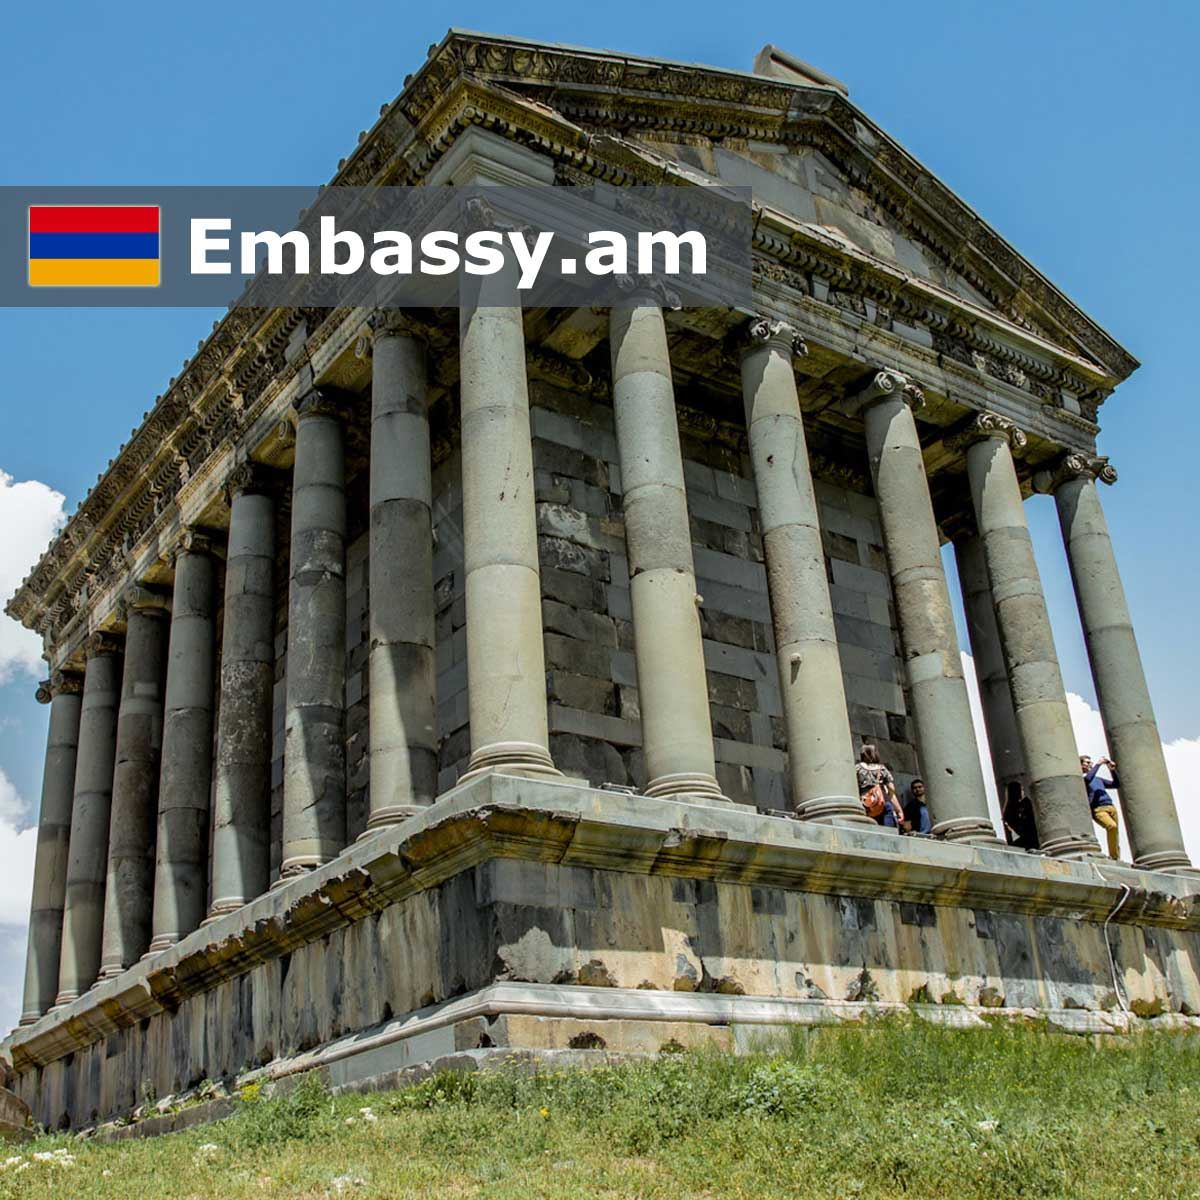 Гарни - Отели в Армении - Embassy.am